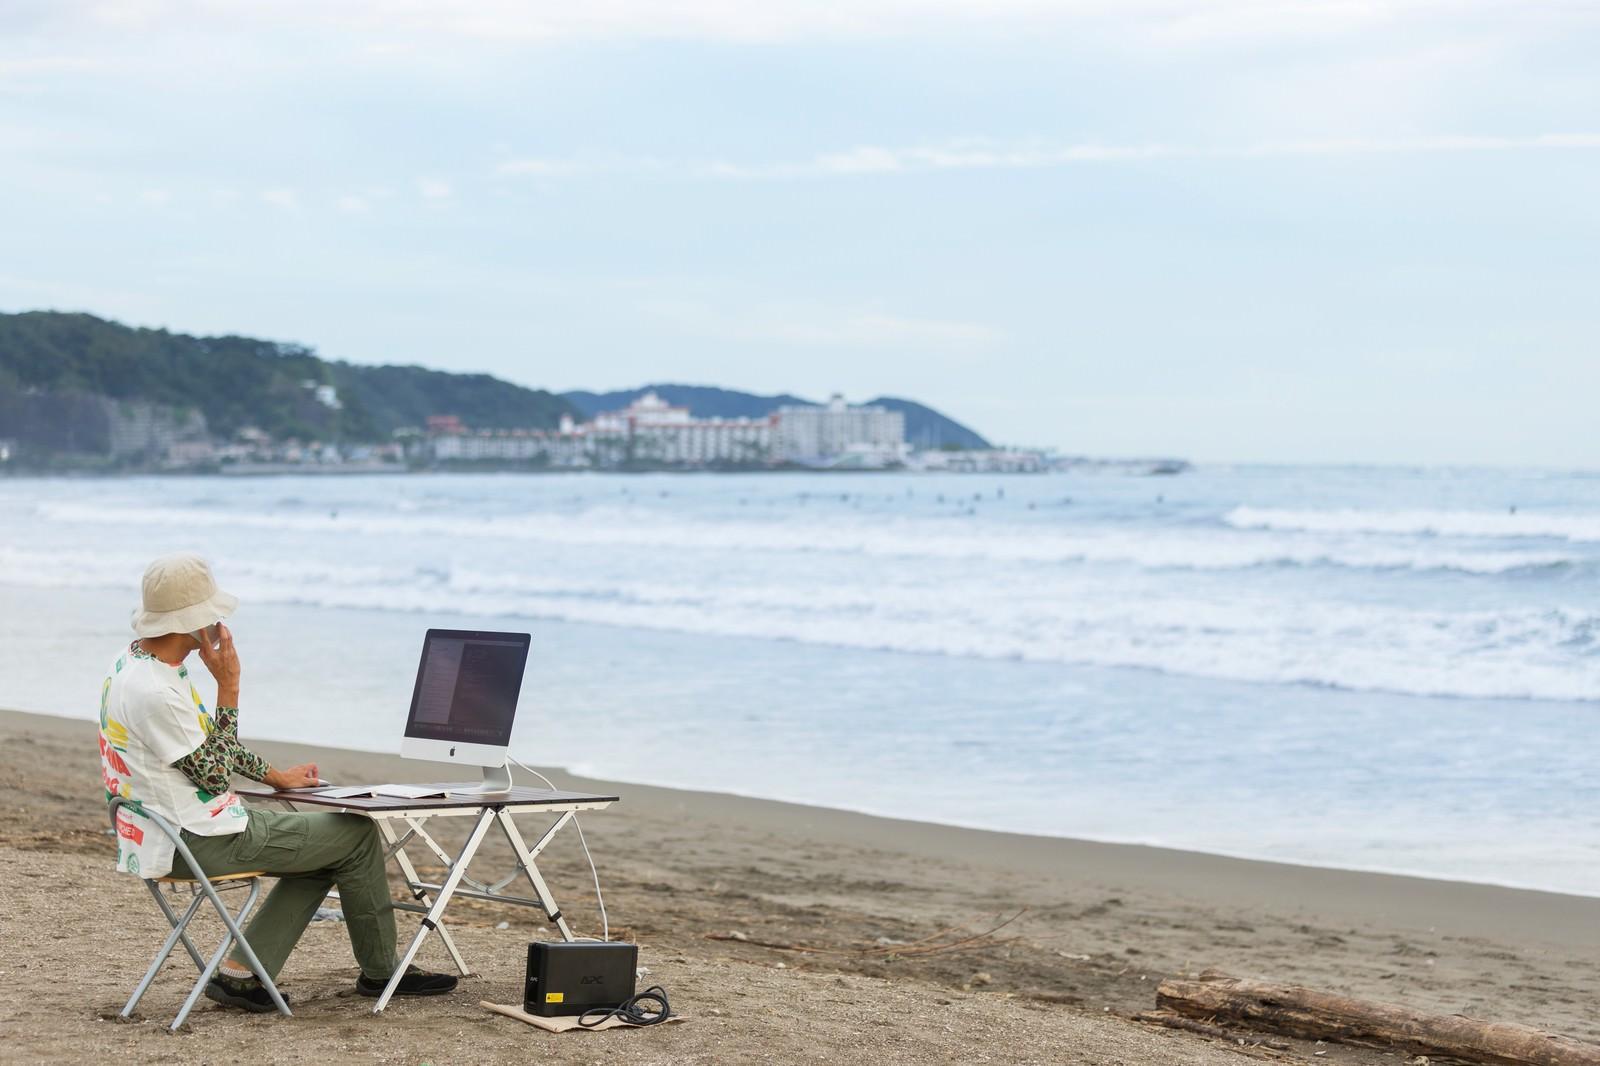 「上司に「今どこ?」と聞かれて「浜辺です」と正直に応えるWebデザイナー」の写真